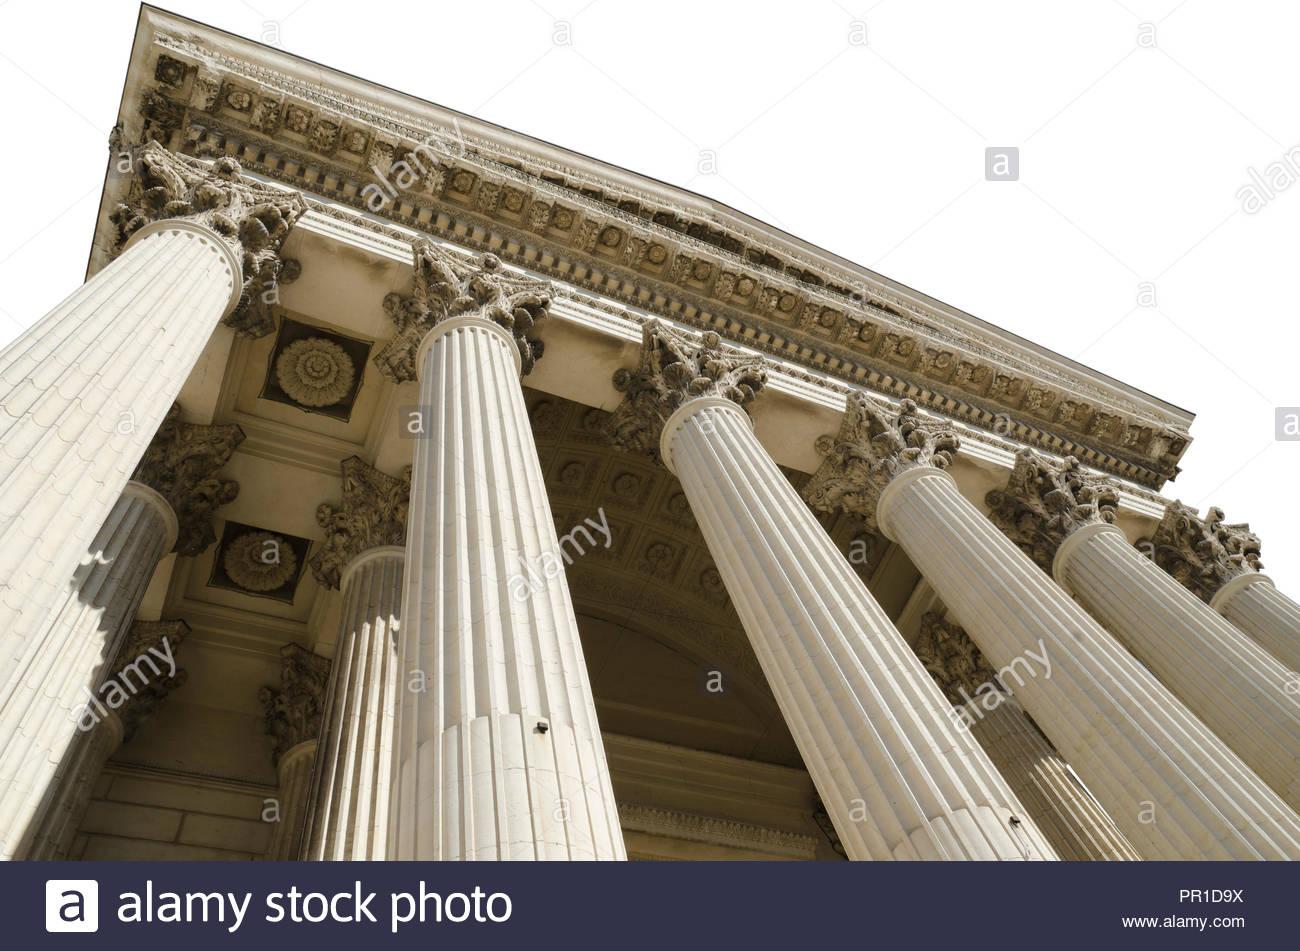 courthouse isolated on white background Stock Photo 220693926   Alamy 1300x951